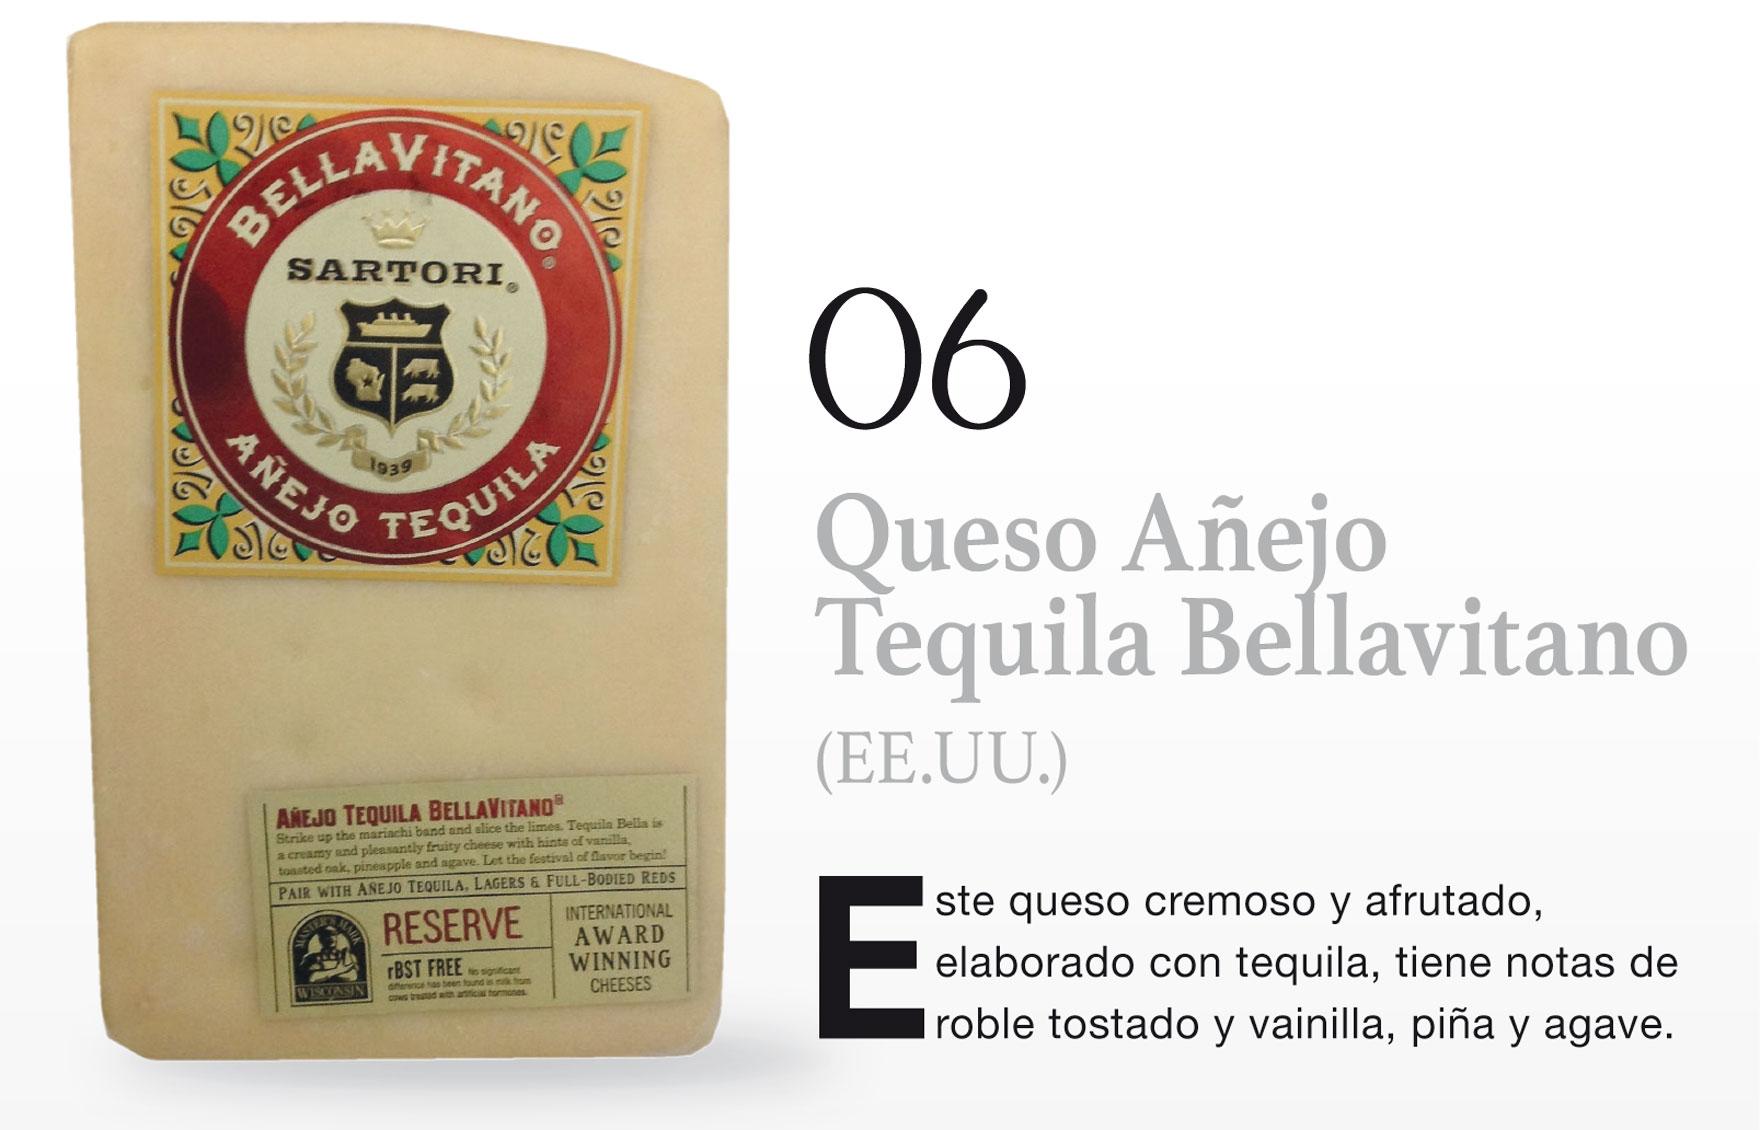 Queso Añejo Tequila Bellavitano (EE.UU.)